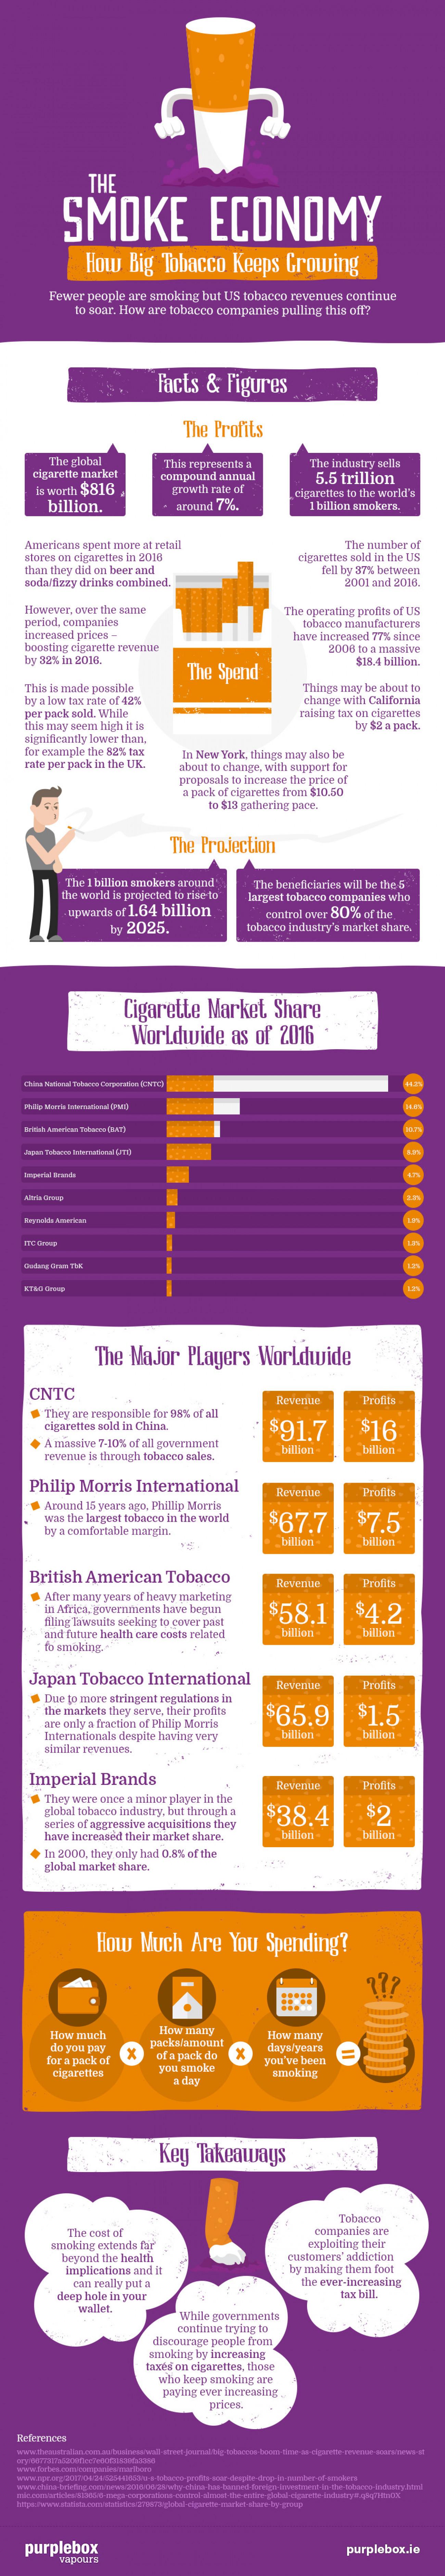 The Smoke Economy [Infographic]